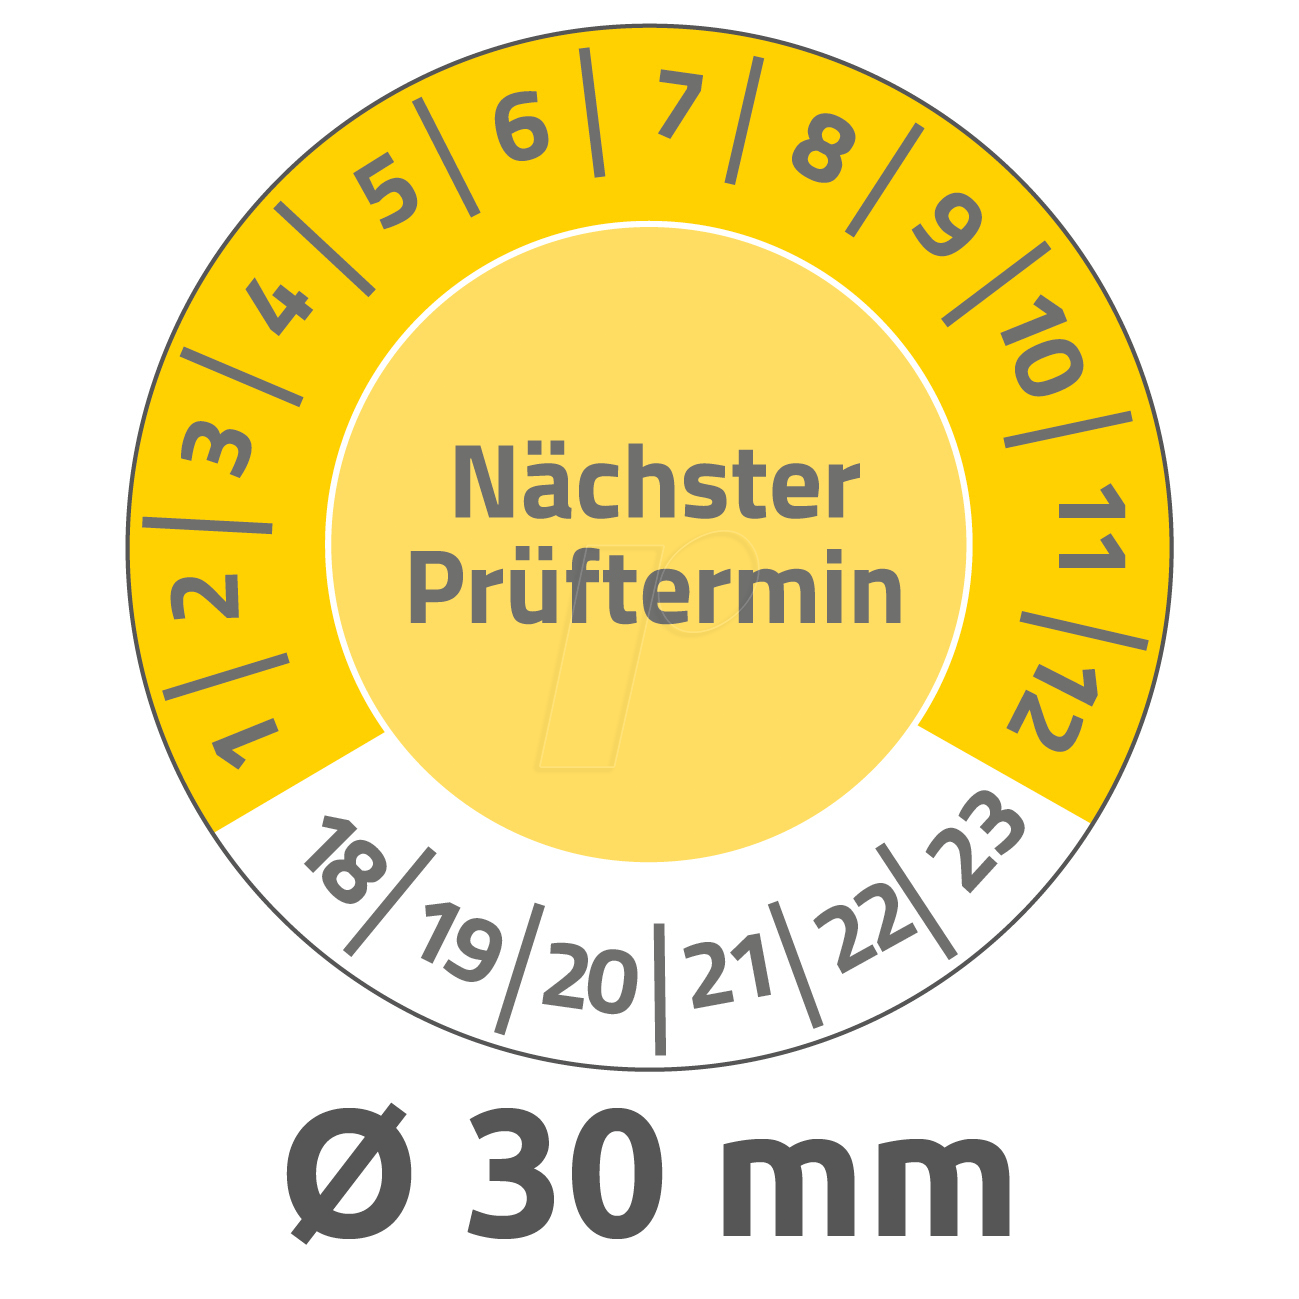 https://cdn-reichelt.de/bilder/web/xxl_ws/E460/AVZ_6934_03.png